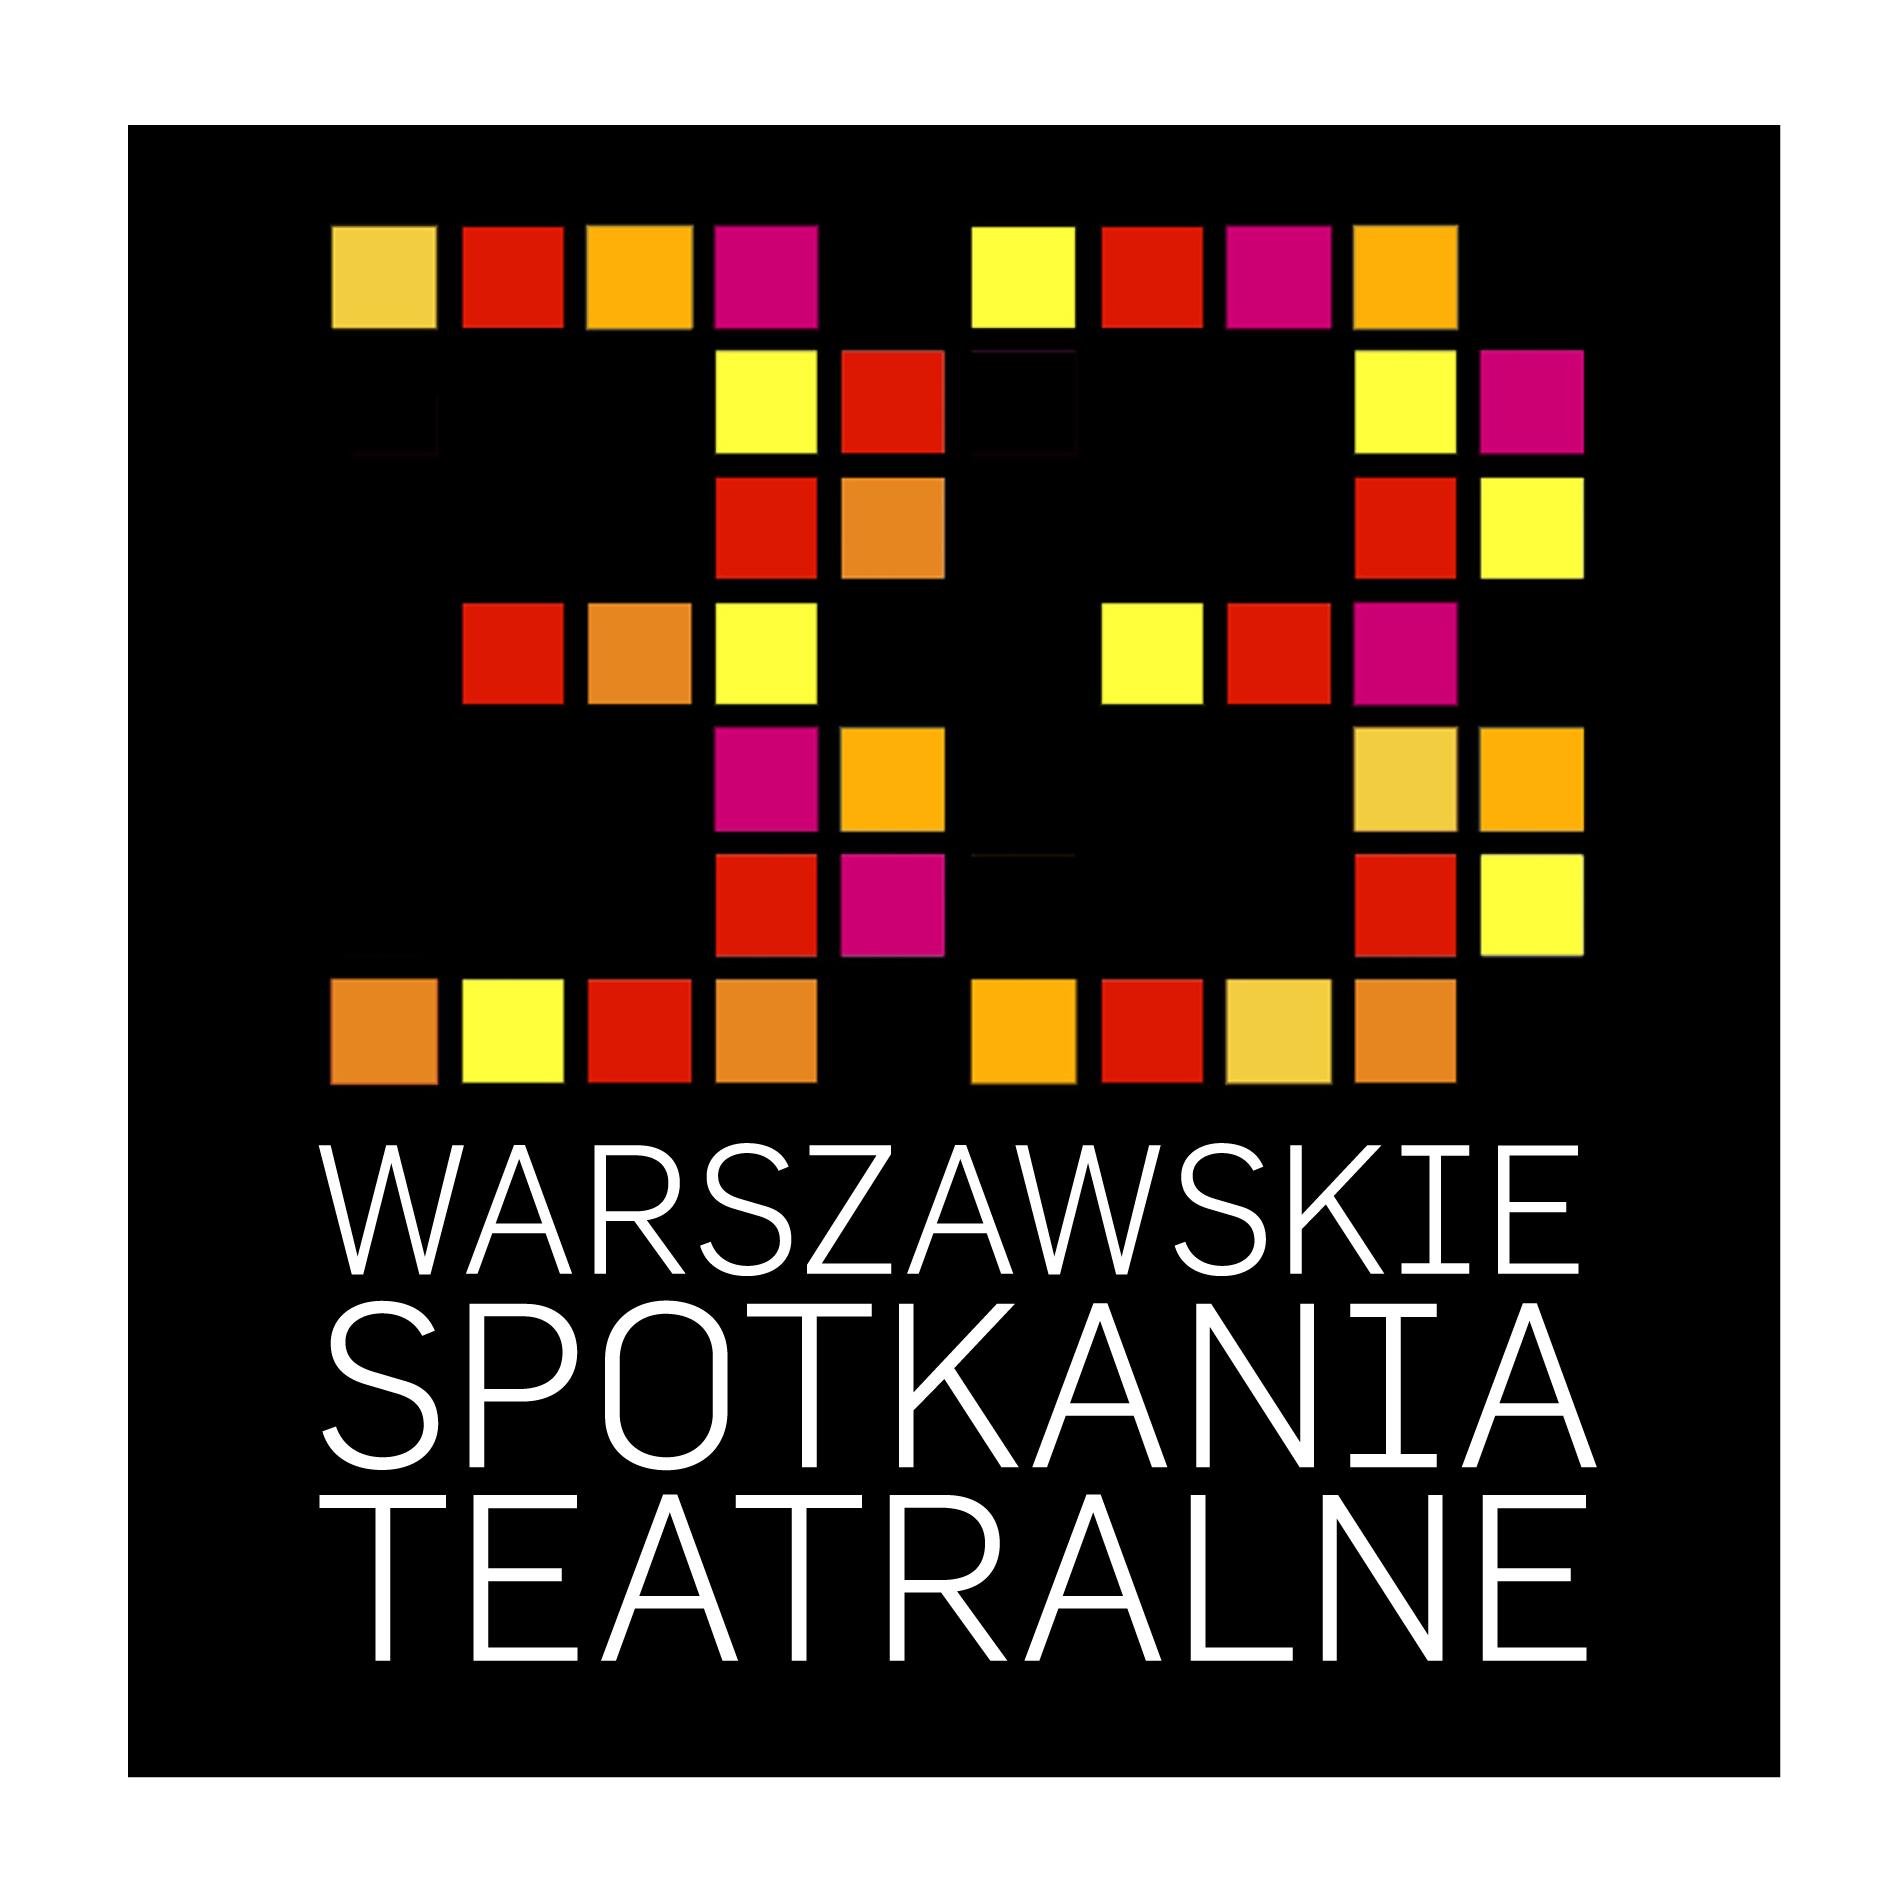 Jutro startują 33 Warszawskie Spotkania Teatralne